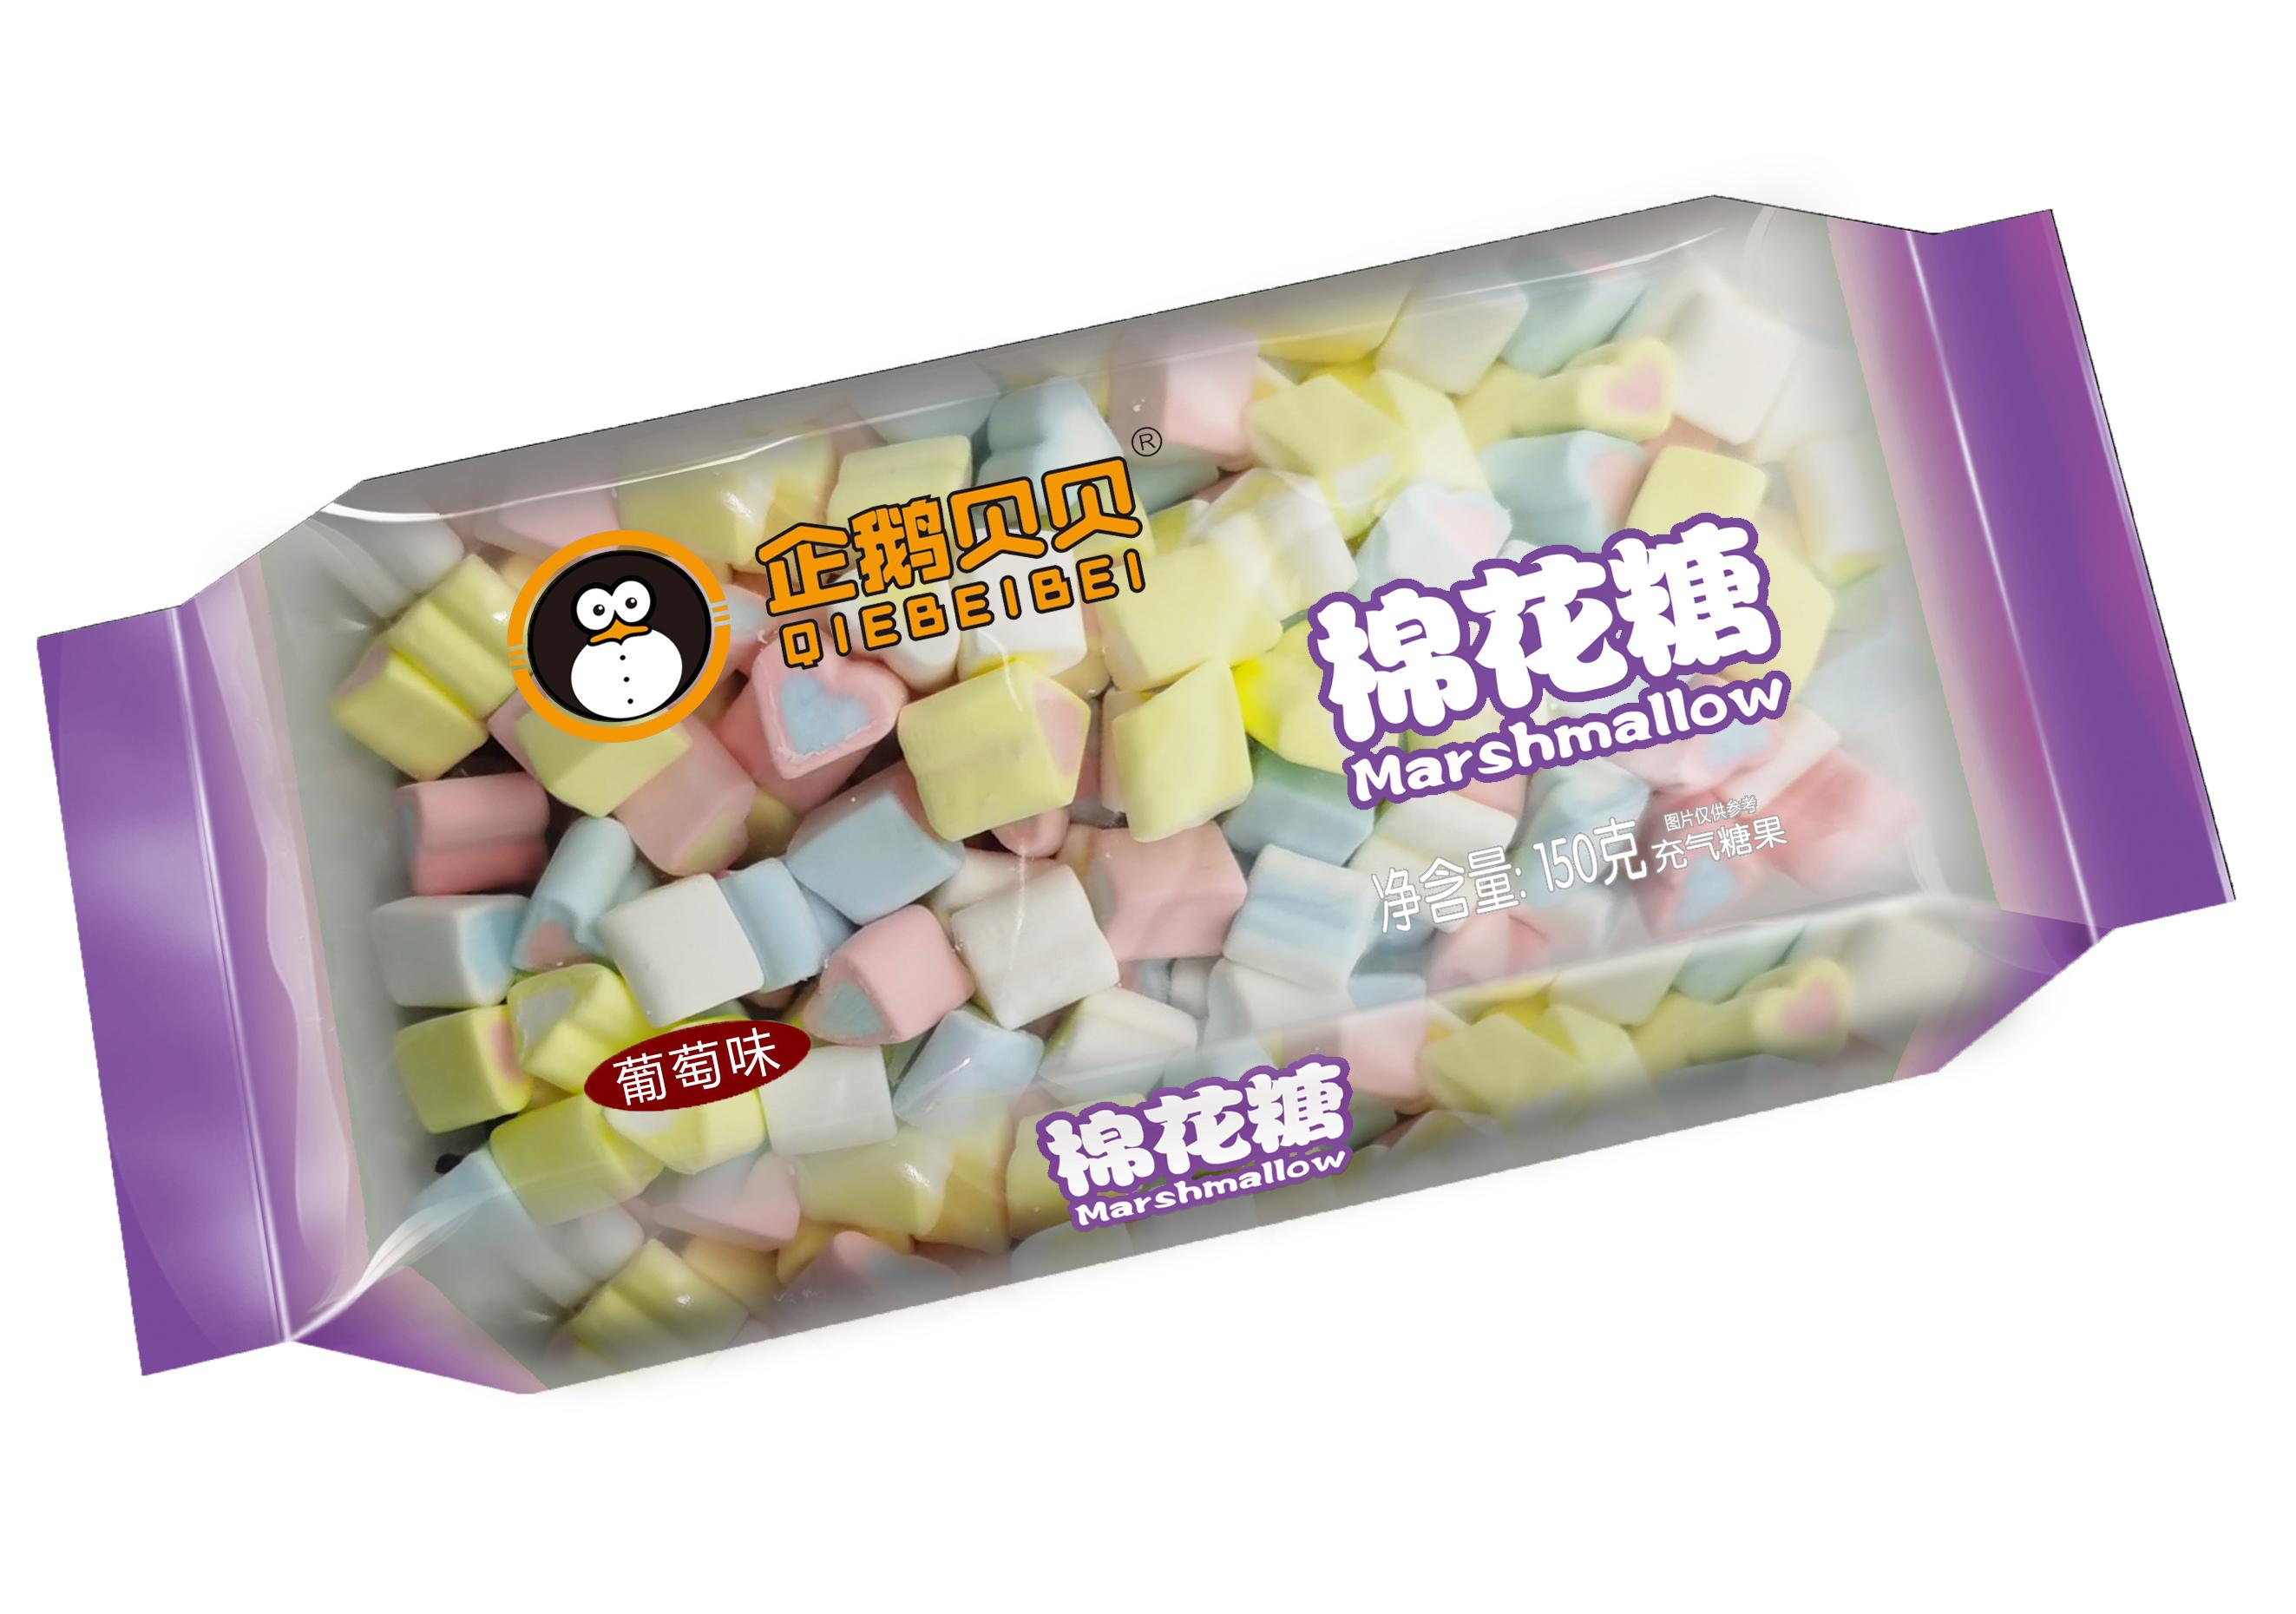 企鹅贝贝150克枕式棉花糖葡萄味